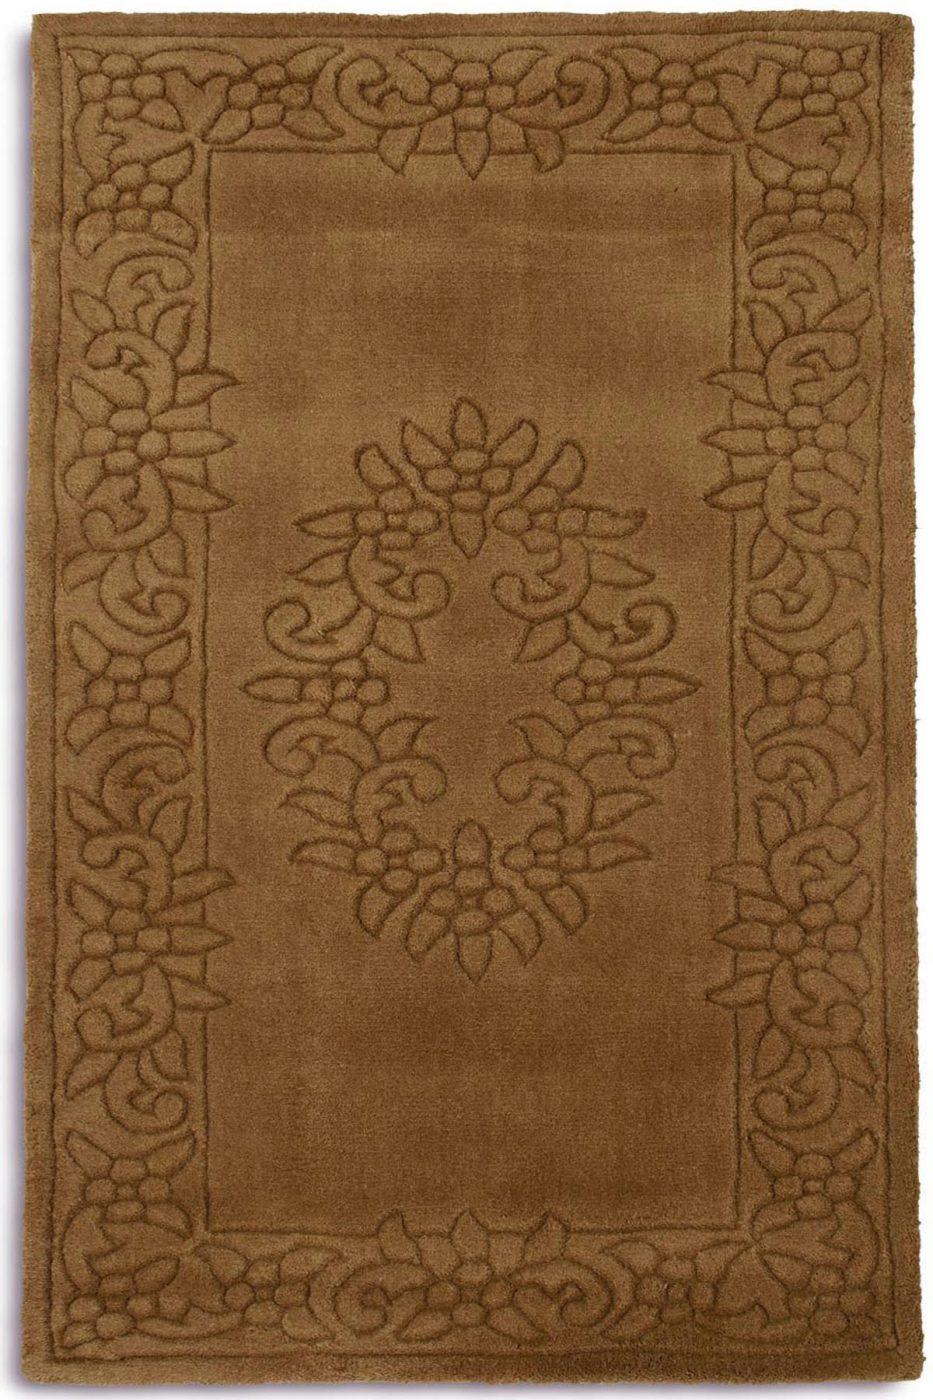 Royal ROY01 | Plantation Rug Company | Best at Flooring